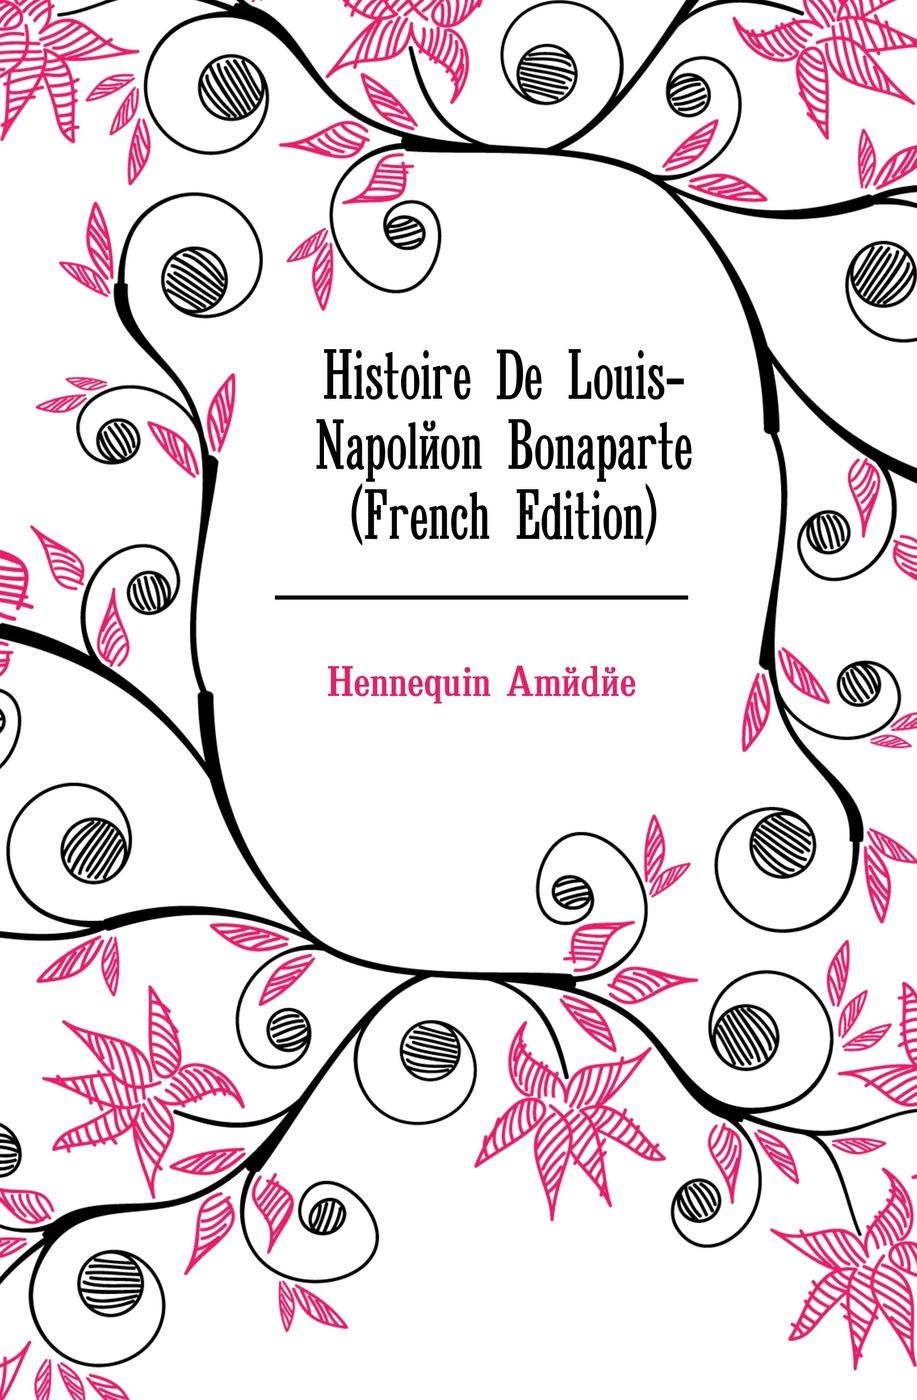 Hennequin Amédée Histoire De Louis-Napoleon Bonaparte (French Edition) oeuvres de napoleon bonaparte volume 3 french edition